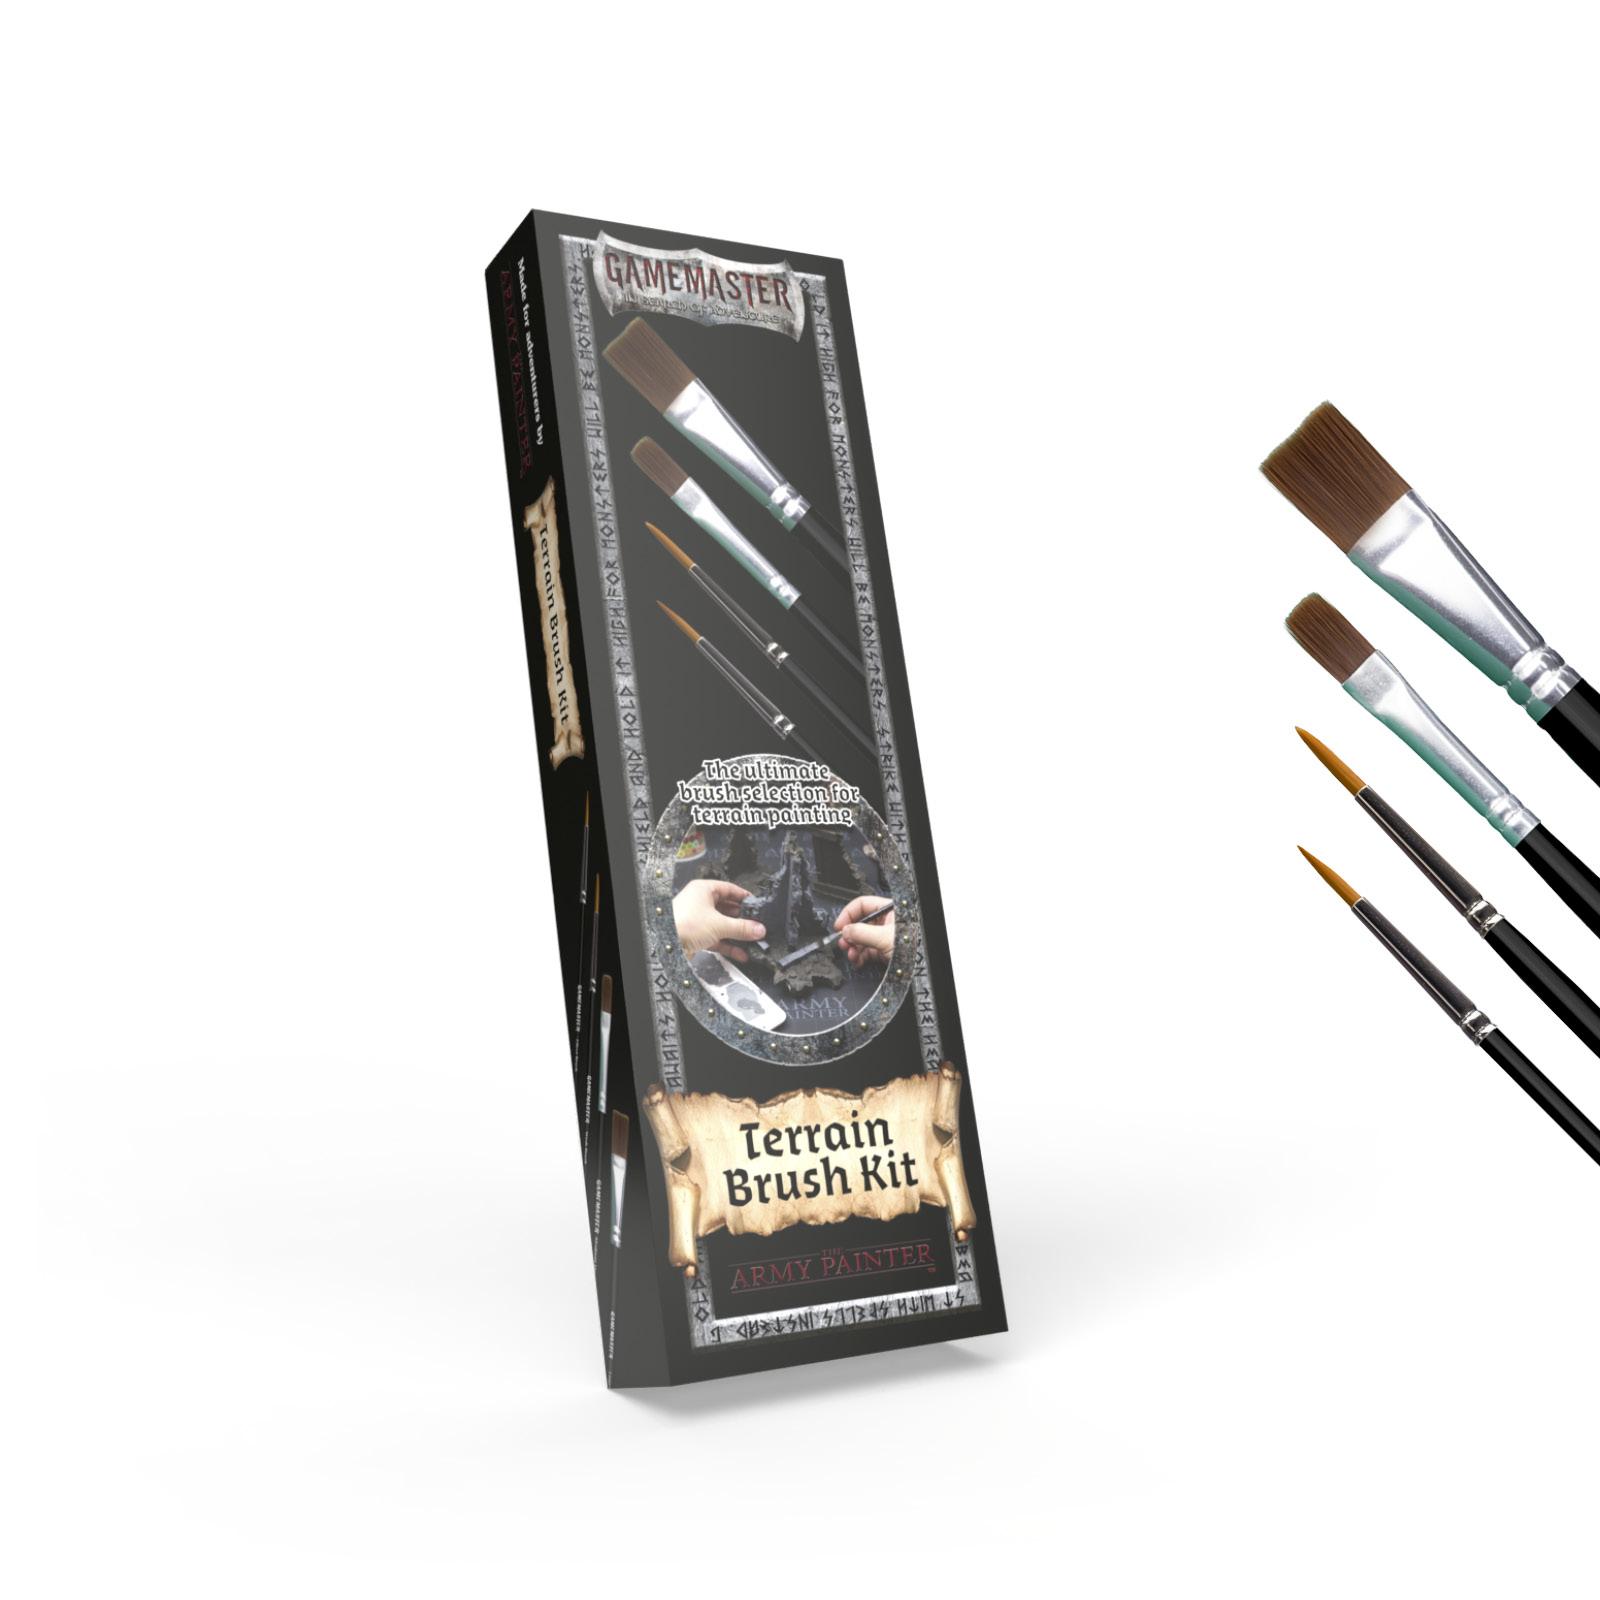 GAMEMASTER Terrain Brush Kit, 4 Brushes